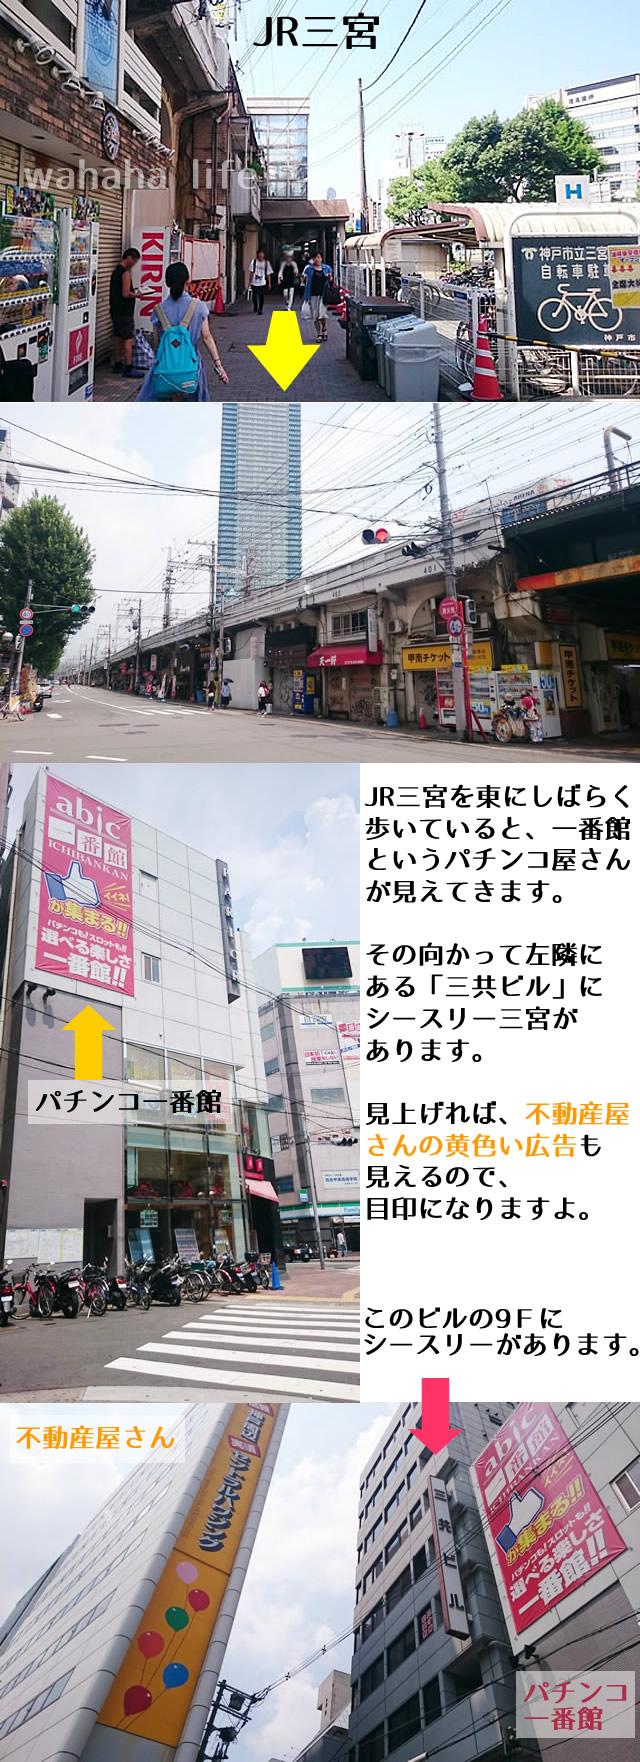 シースリー 三宮への行き方シースリー 神戸三宮店